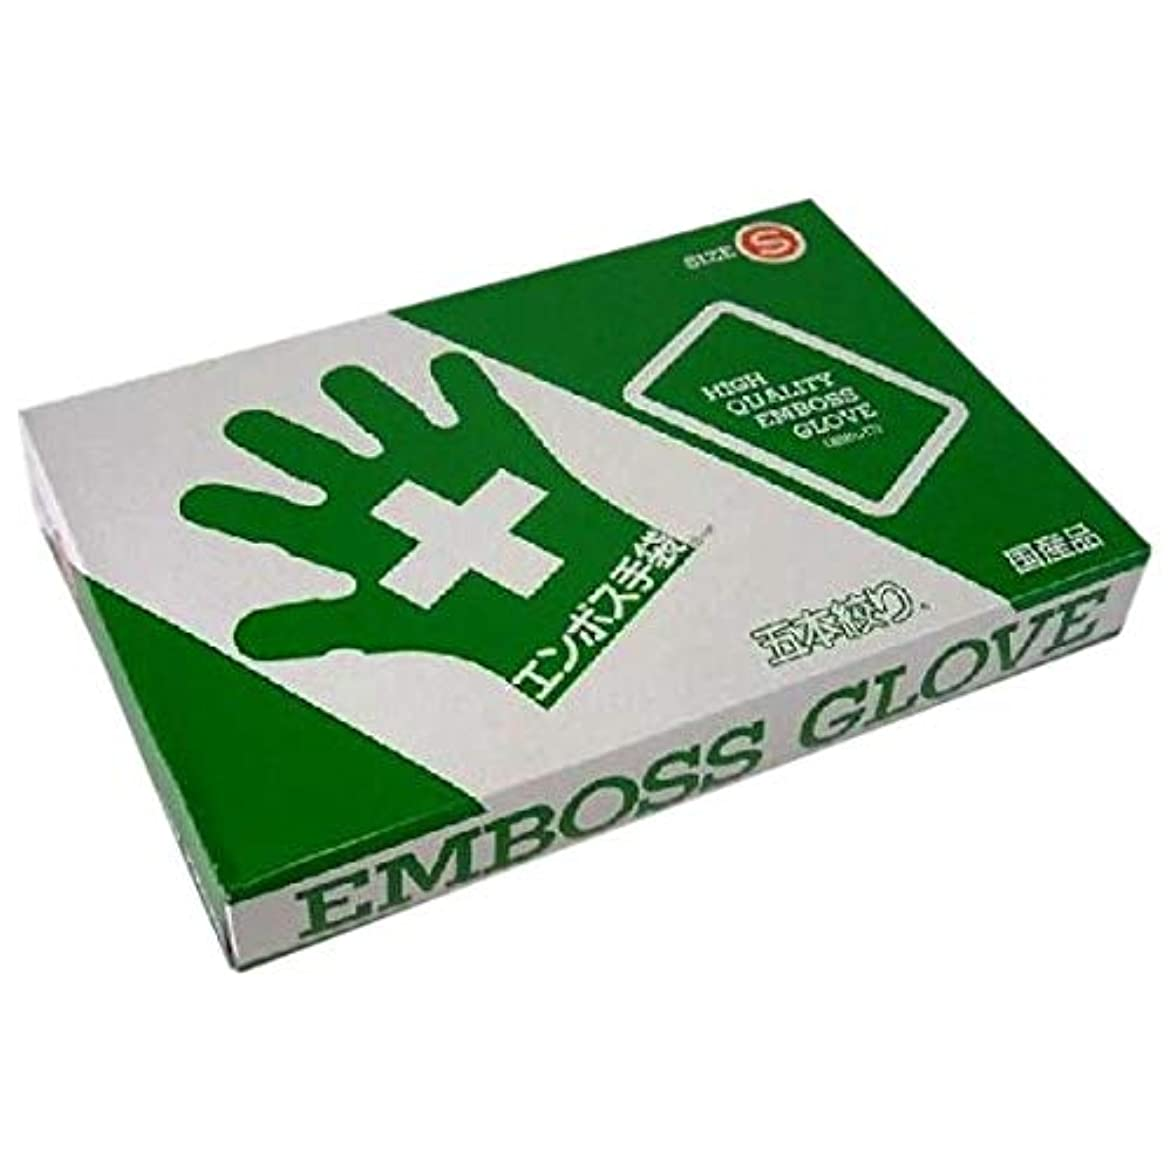 エンボス手袋 5本絞り(使い捨て手袋国産品) 東京パック S 200枚入